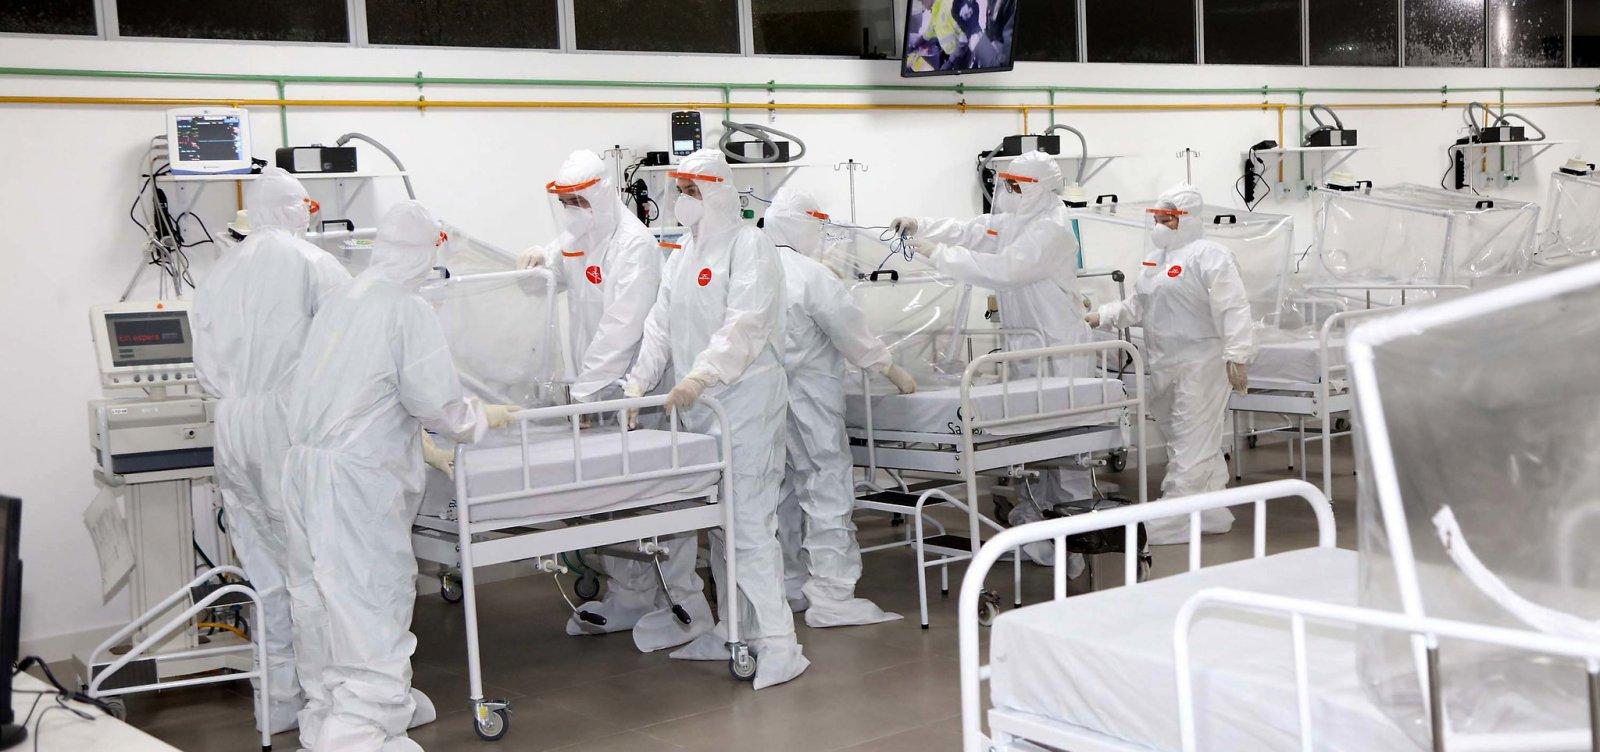 [Covid-19: Brasil registra 153.358 mortes e mais de cinco milhões de casos ]